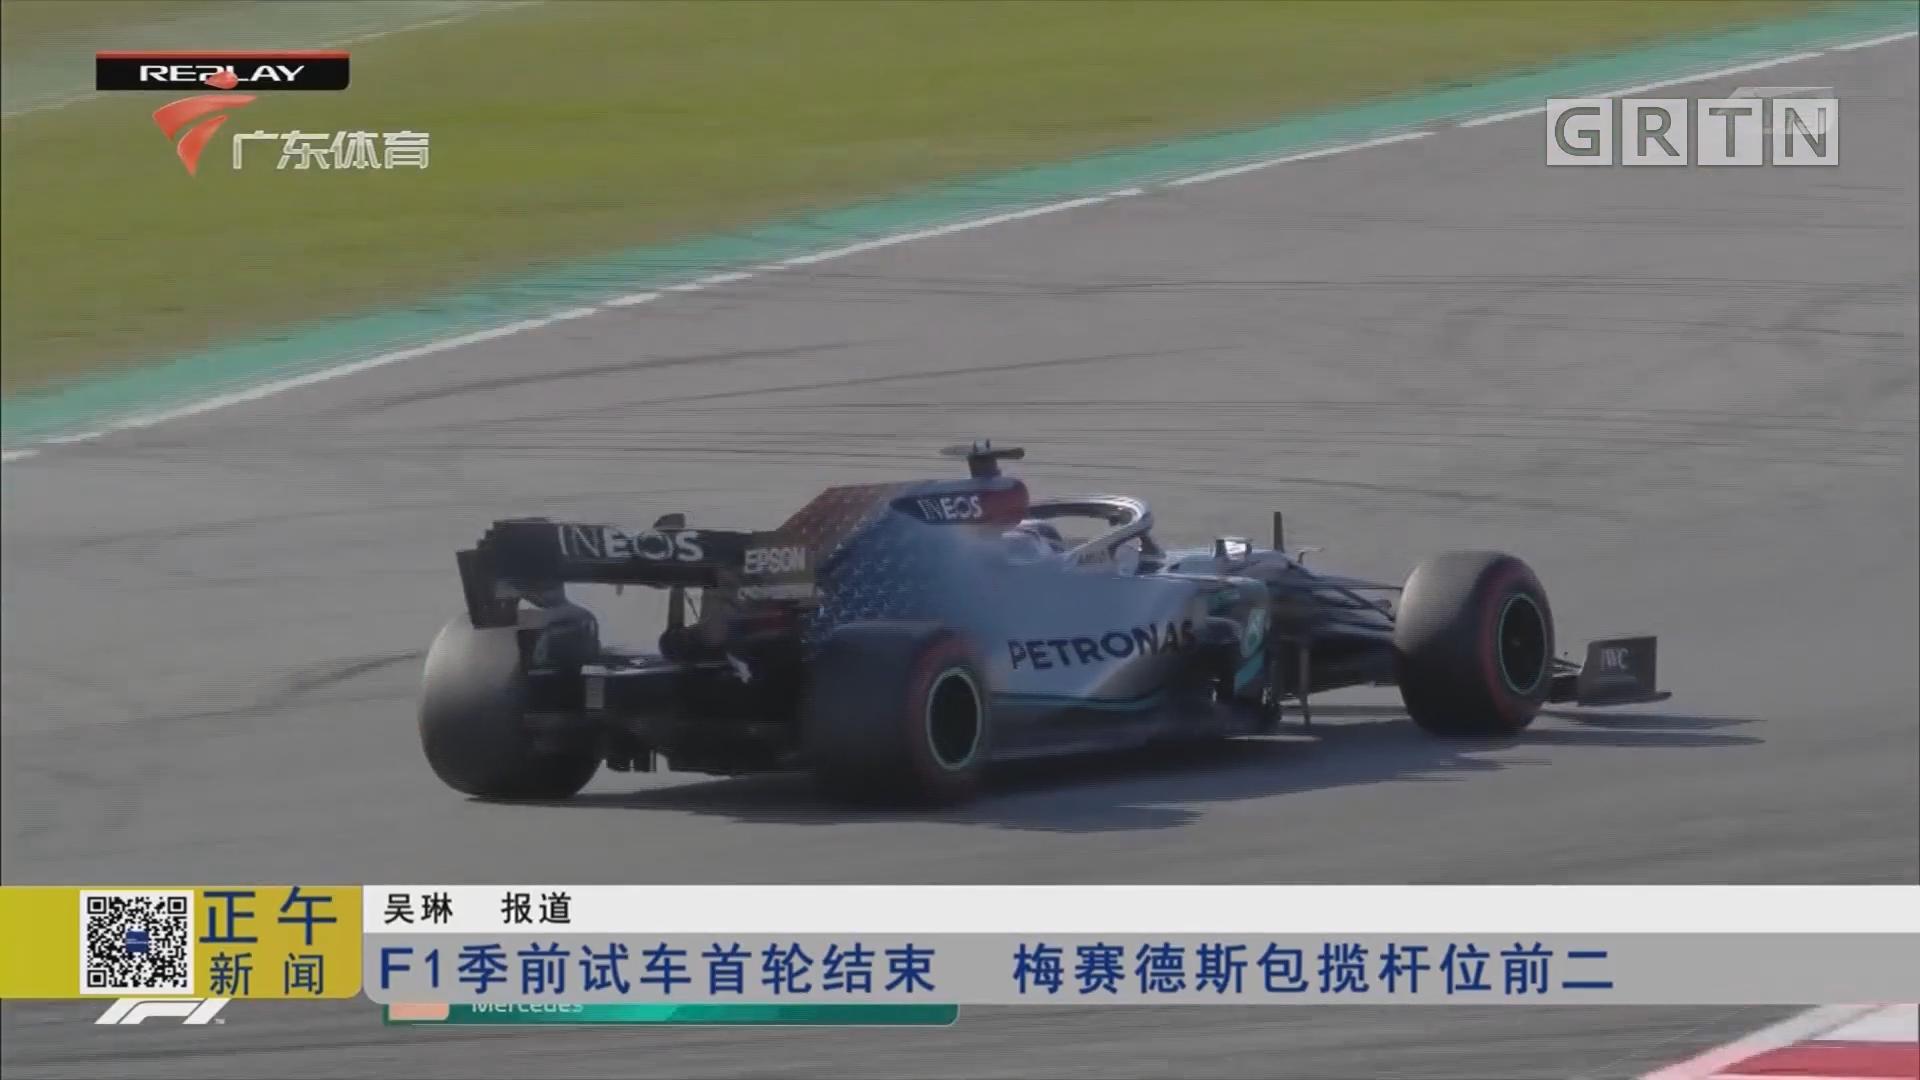 F1季前試車首輪結束 梅賽德斯包攬桿位前二